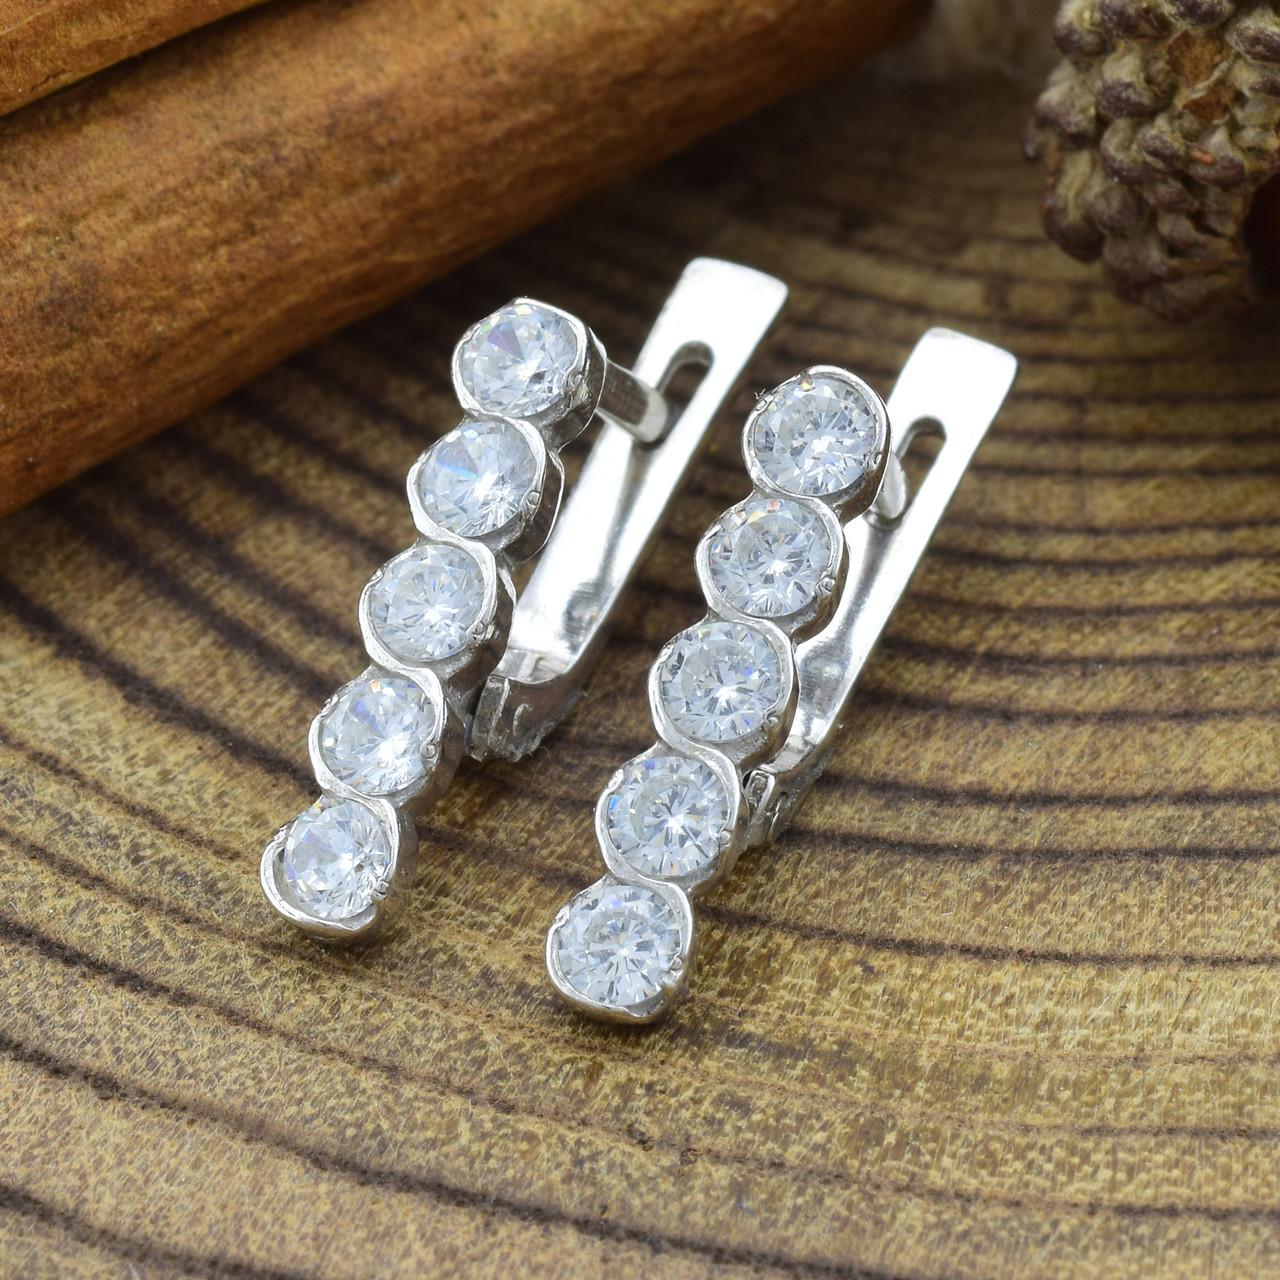 Серебряные серьги Камила размер 17х3 мм вставка белые фианиты вес 2.9 г